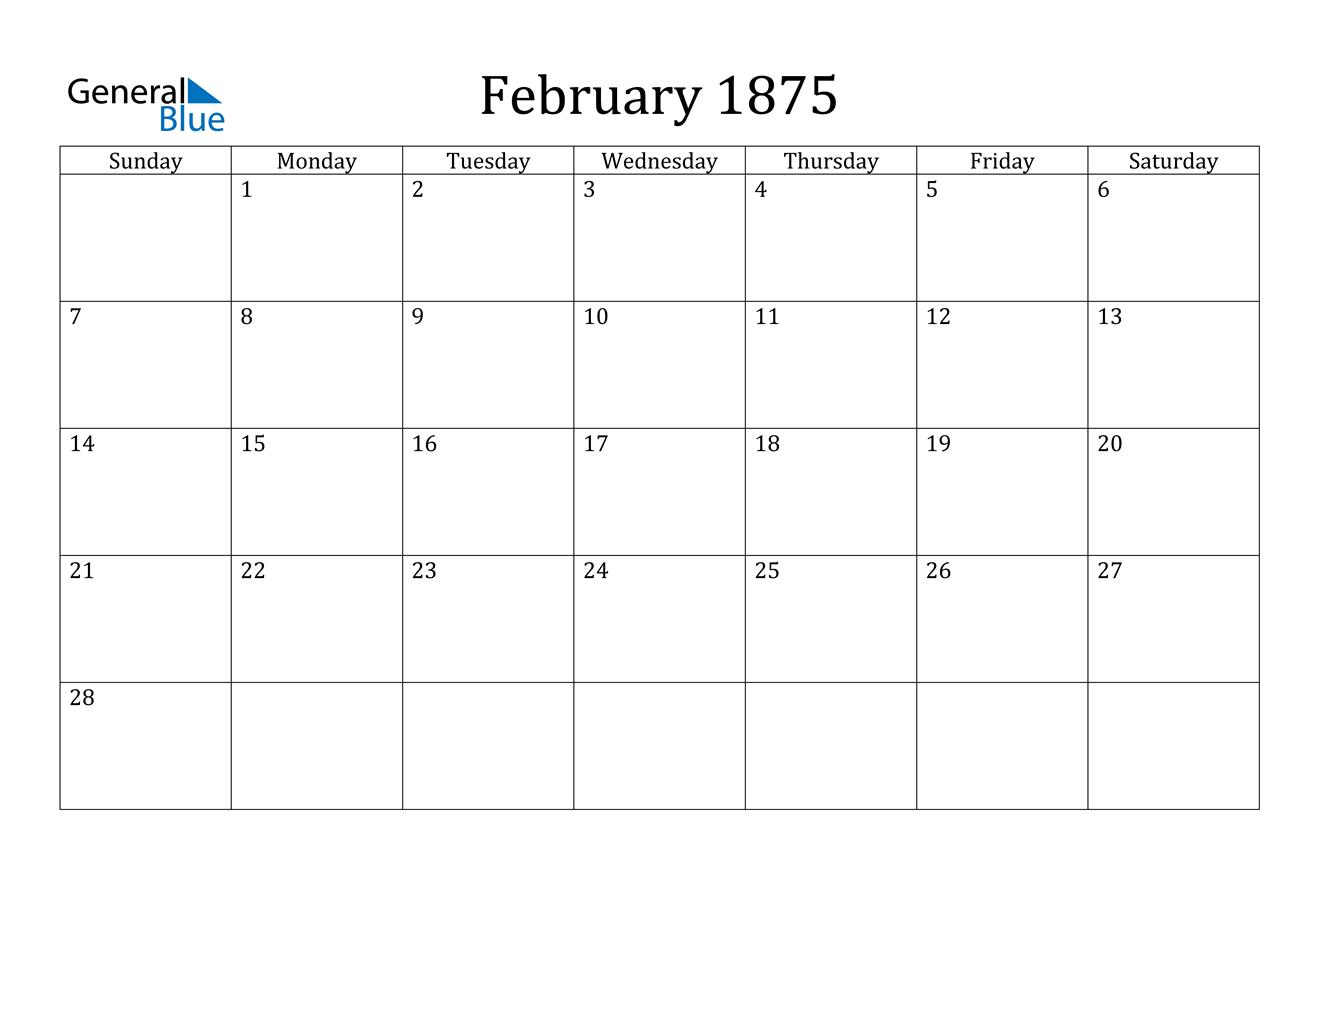 Image of February 1875 Calendar